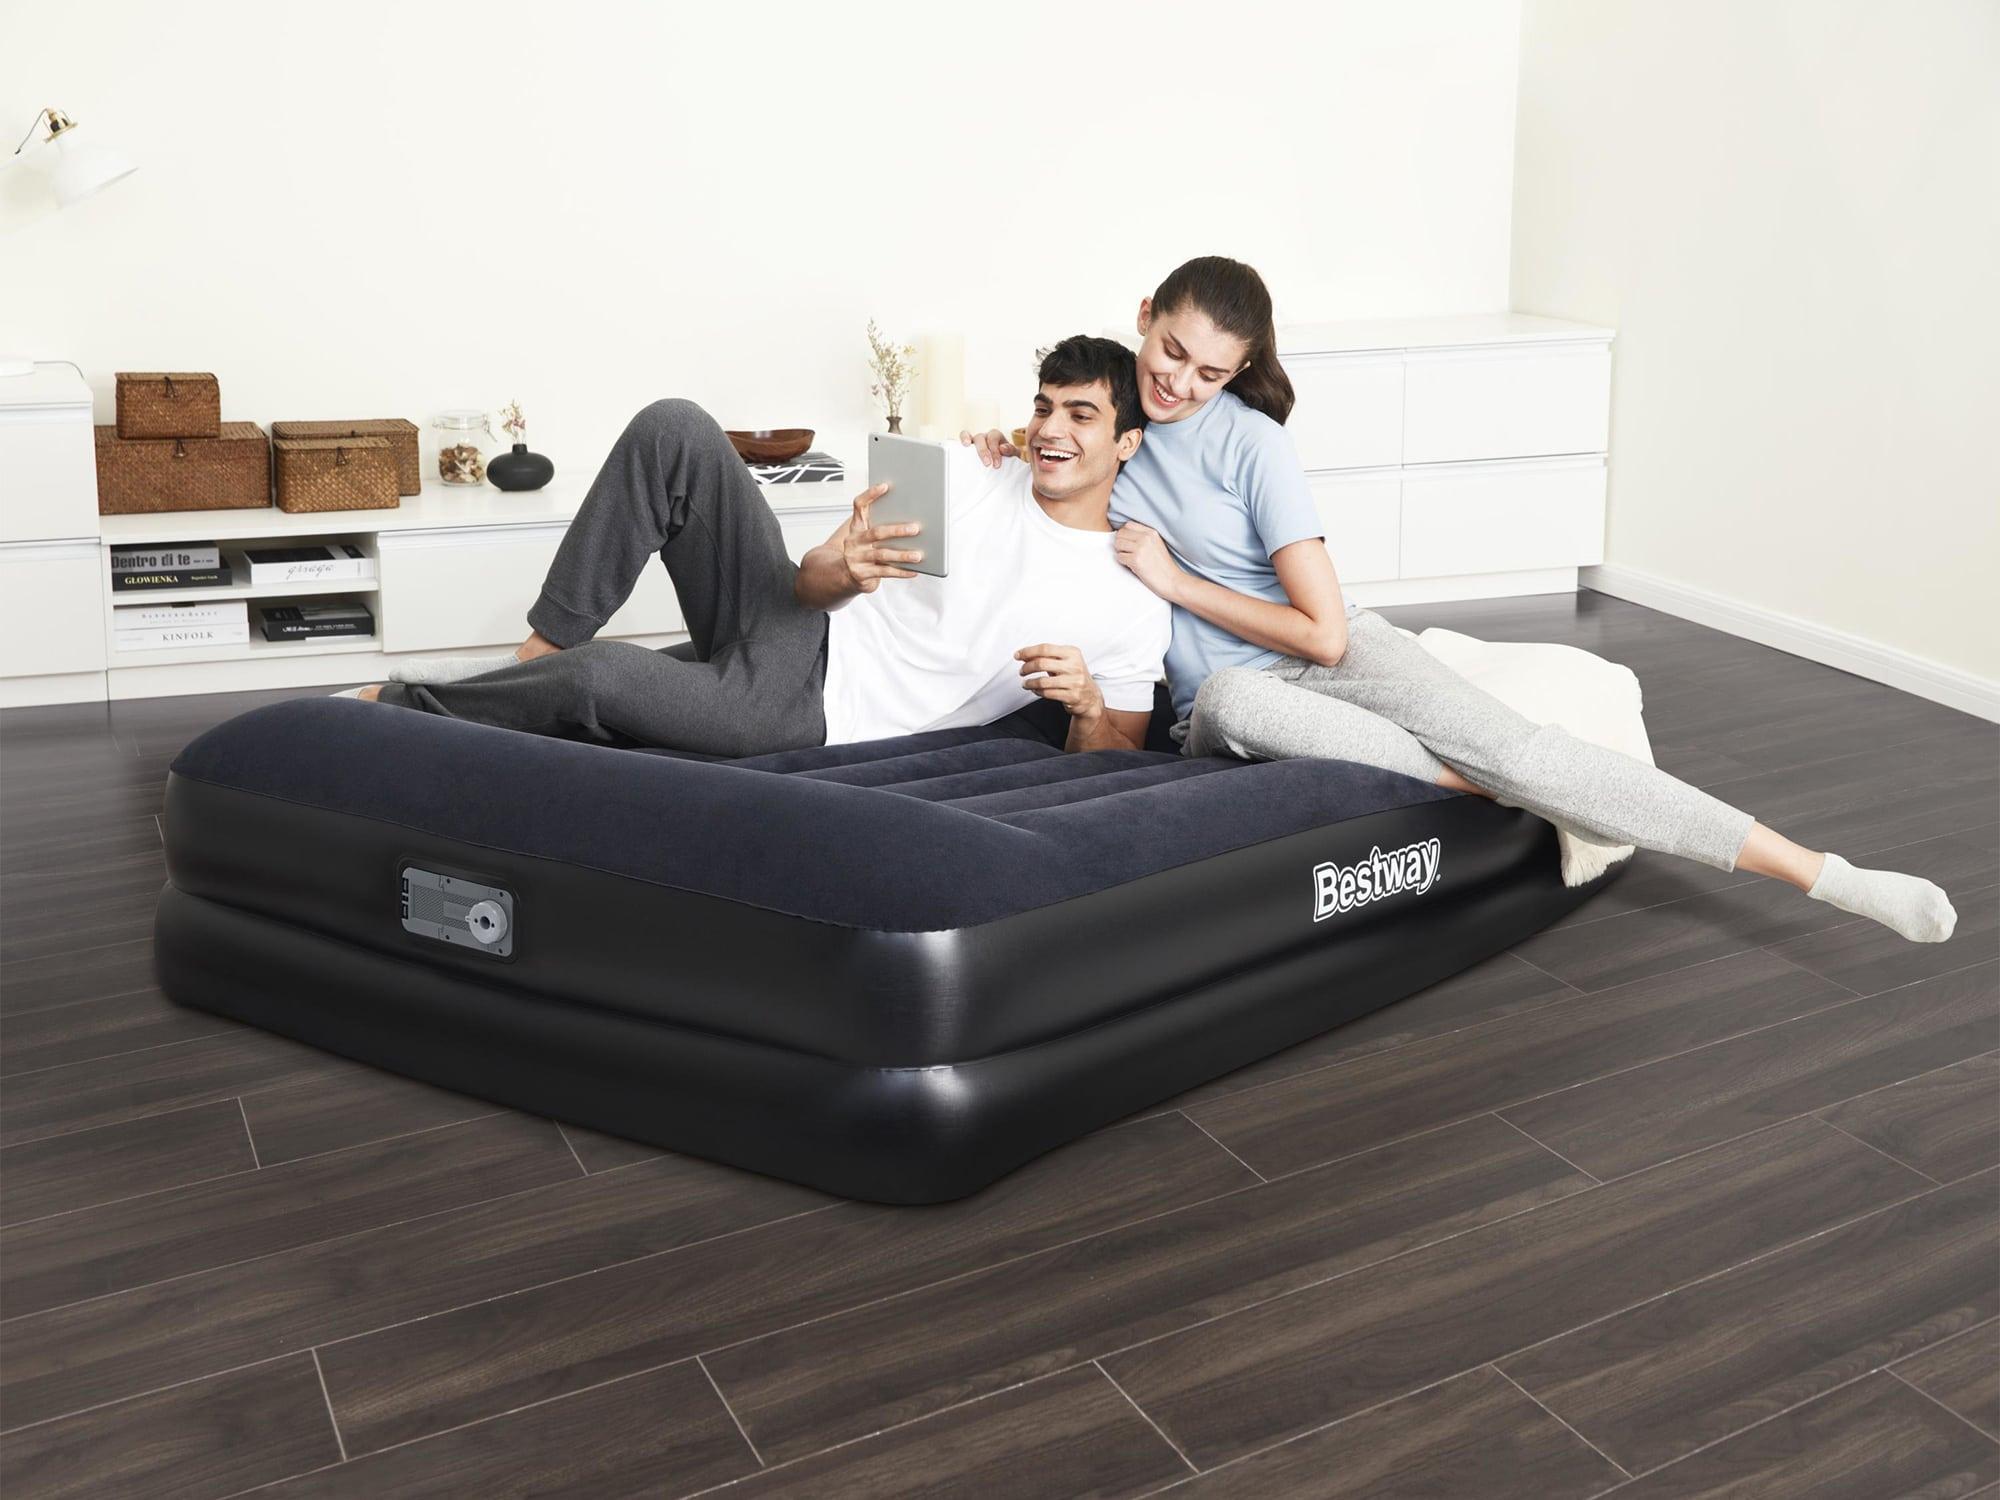 To personer slapper av på oppblåsbar madrass